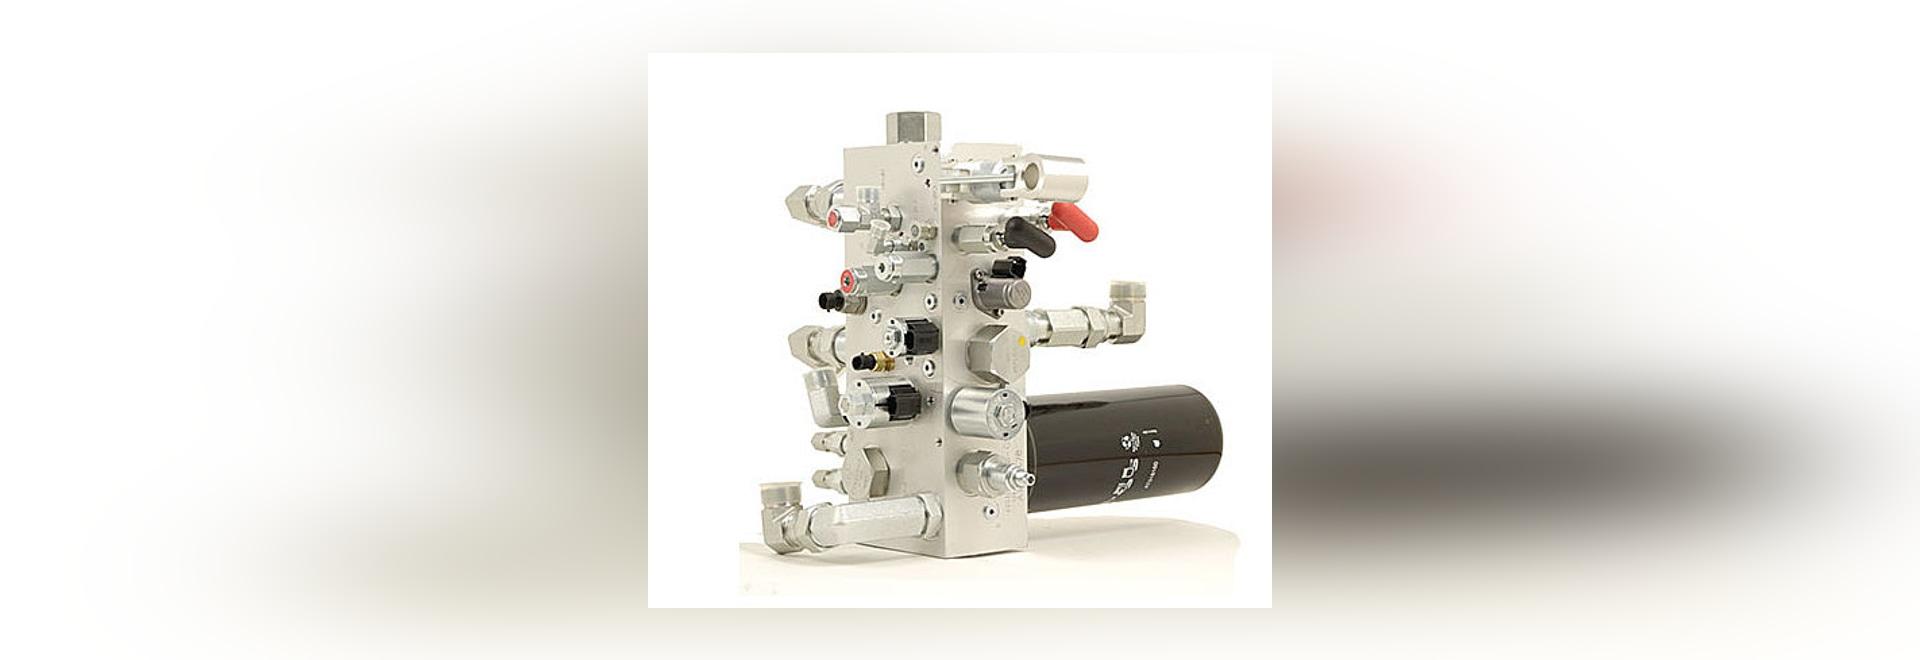 Custom Hydraulic Manifolds